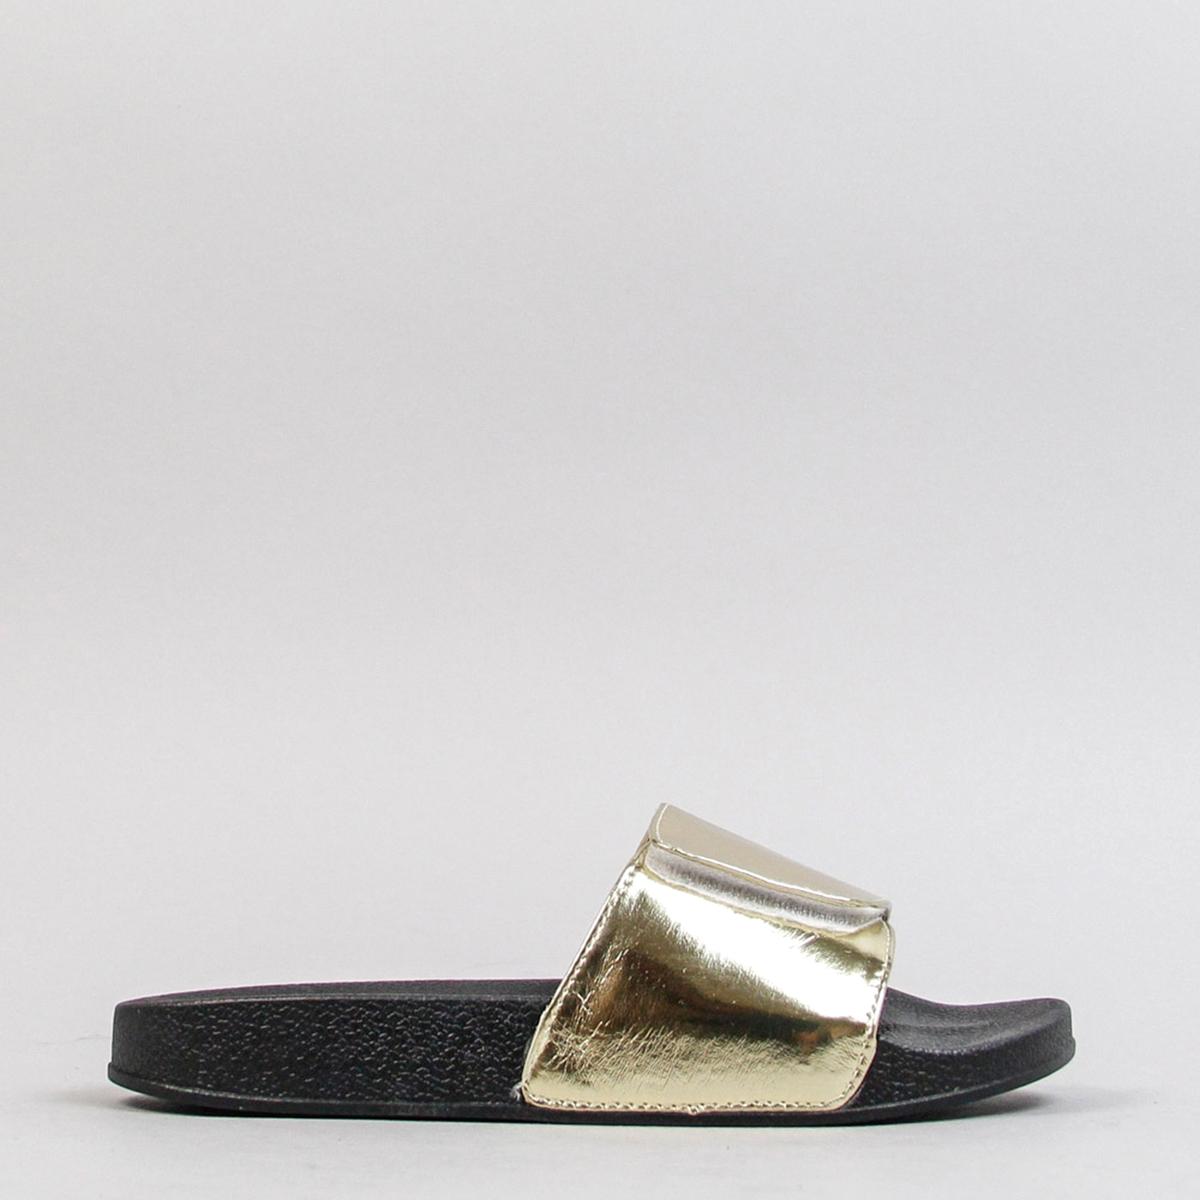 Туфли без задника MaltaВерх/Голенище : Текстиль  Подкладка : Текстиль  Стелька : Текстиль  Подошва : каучук   Форма каблука : плоский каблук  Мысок : закругленный.  Застежка : без застежки<br><br>Цвет: золотистый<br>Размер: 36